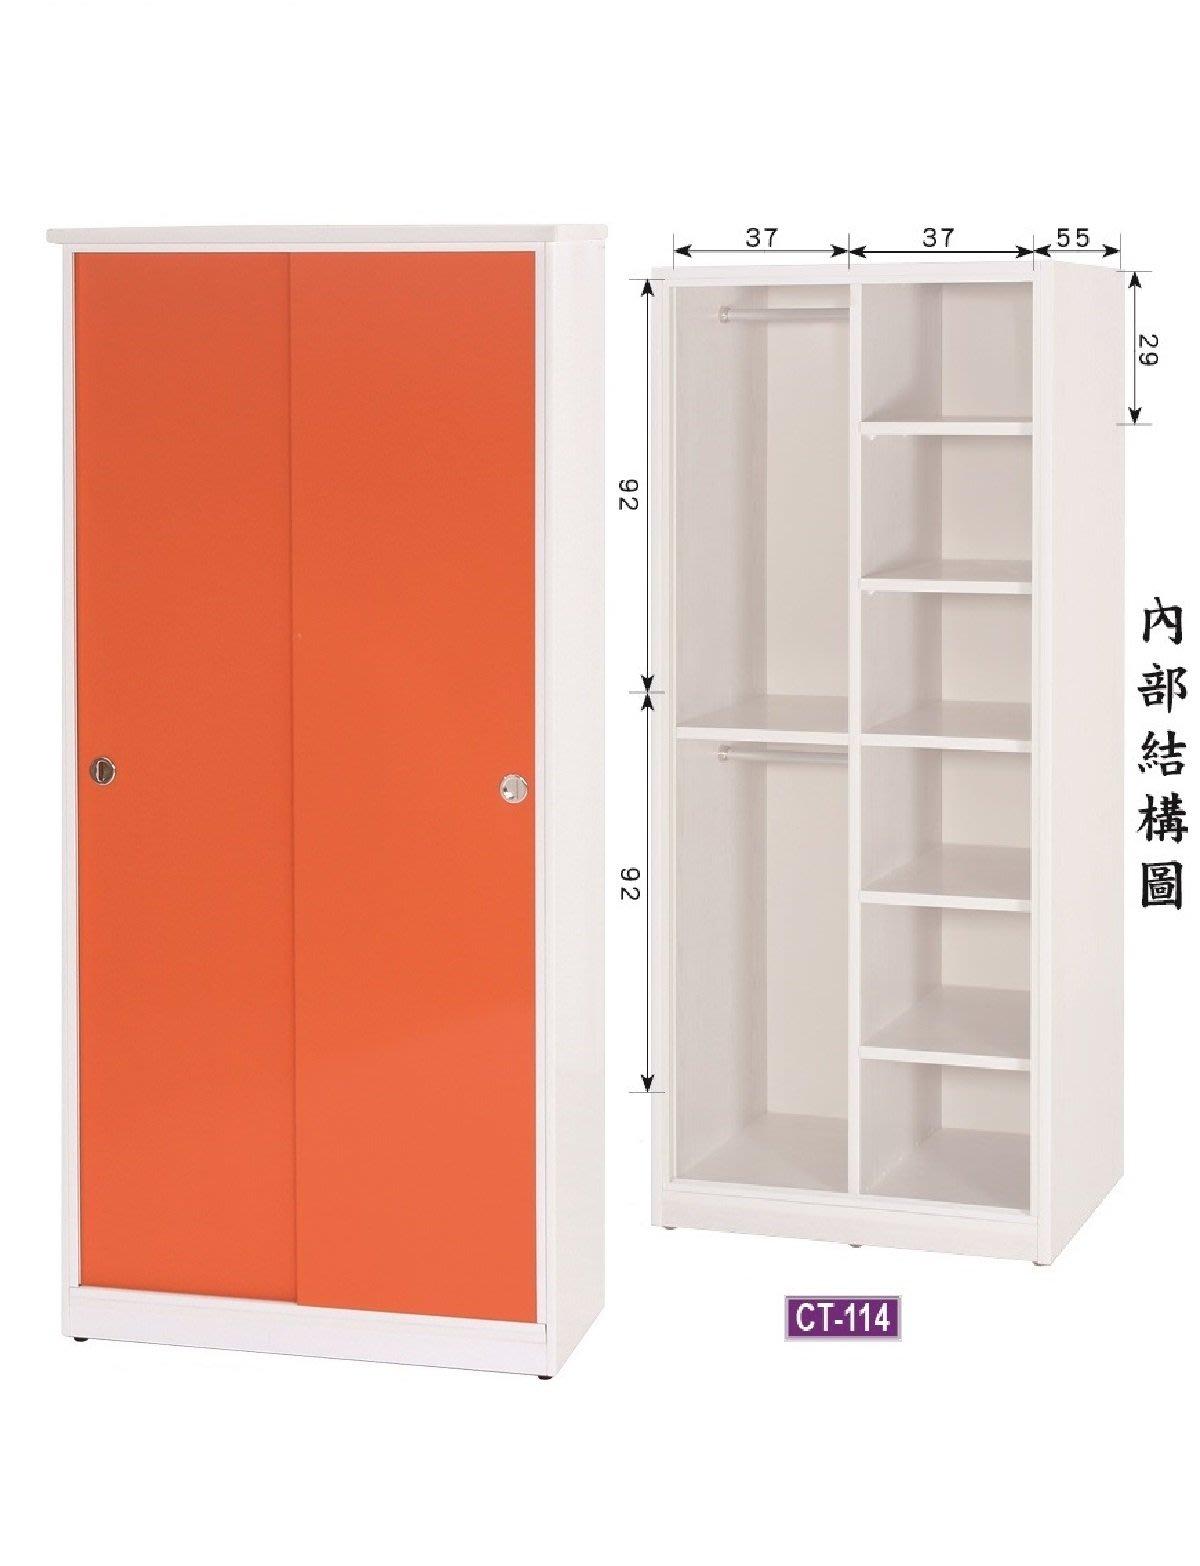 ~小黑清倉館~推門衣櫃CT-114 (油壓緩衝款)11色可挑 防水家具、防潮家具,塑鋼家具、塑鋼衣櫃~防蛀、防霉